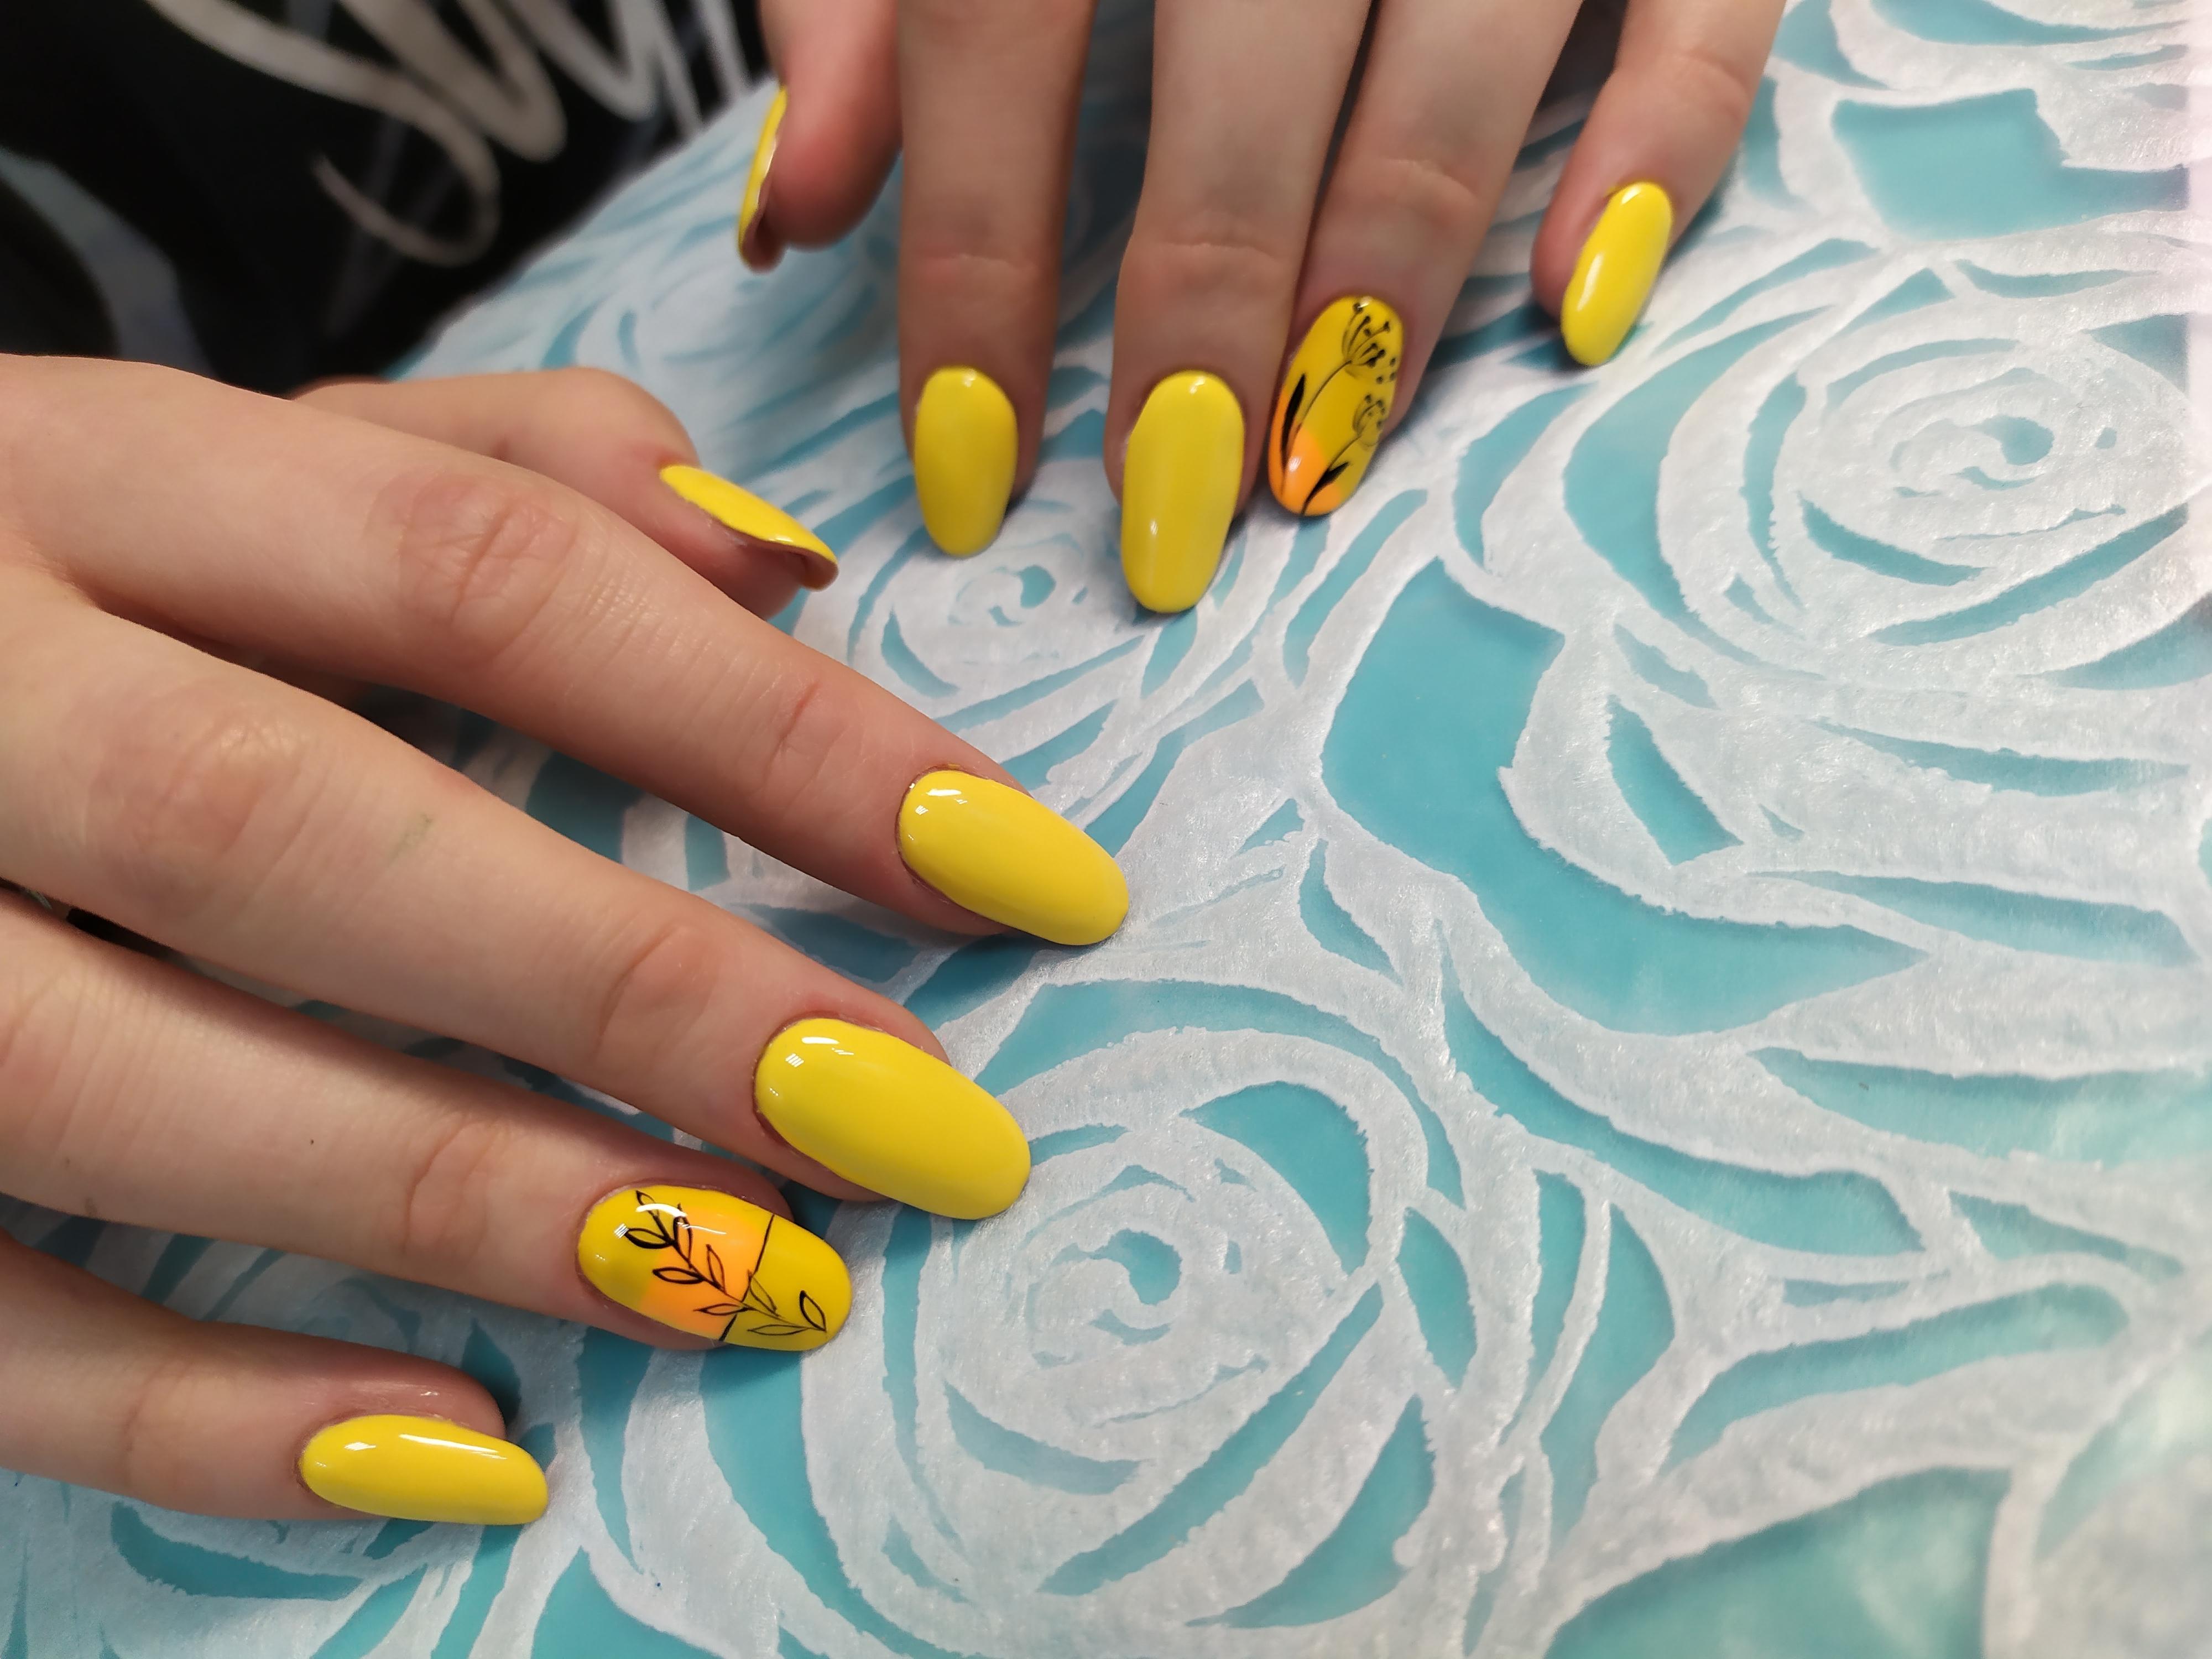 Маникюр с растительным рисунком в желтом цвете.